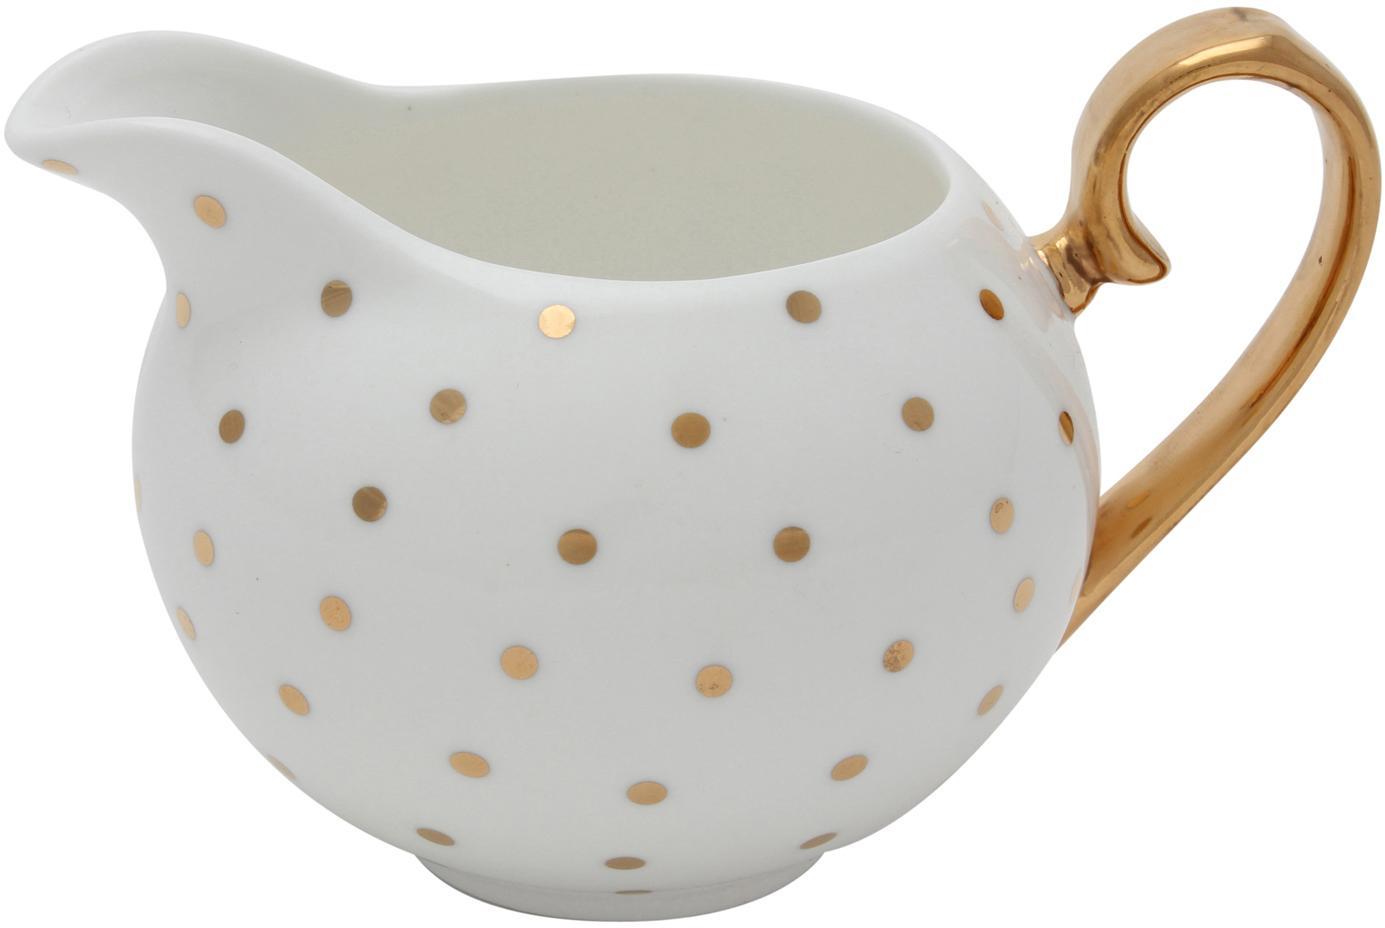 Milchkännchen Miss Golightly, Bone China, vergoldet, Weiß, Gold, Ø 6 x H 7 cm